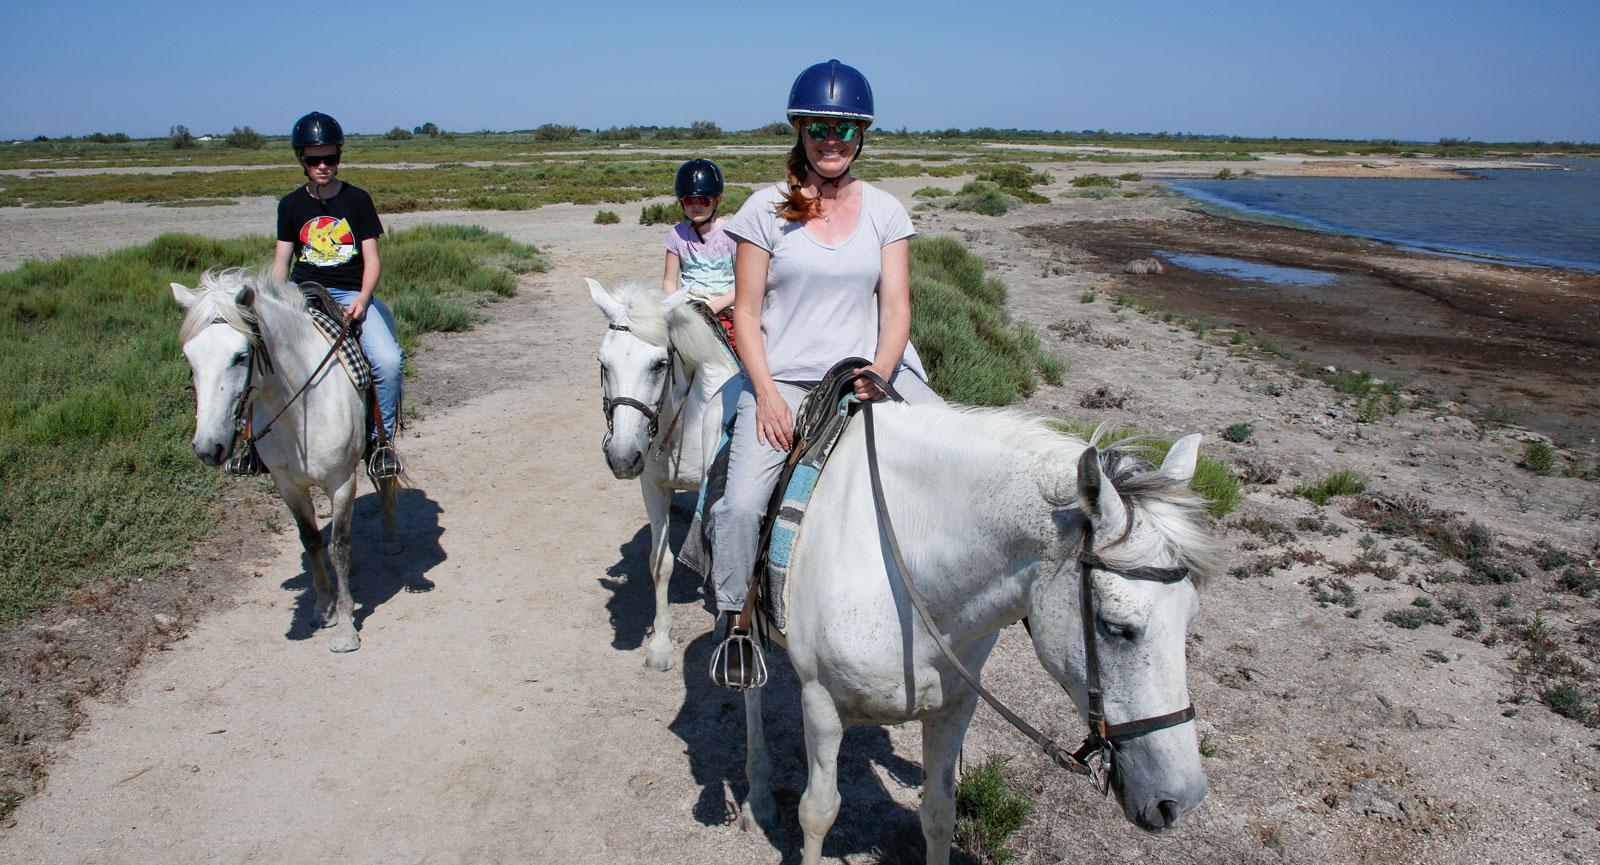 Ridturen uppskattades av hela familjen. Tempot anpassades allt eftersom barnen blev mer och mer trygga på hästryggen.